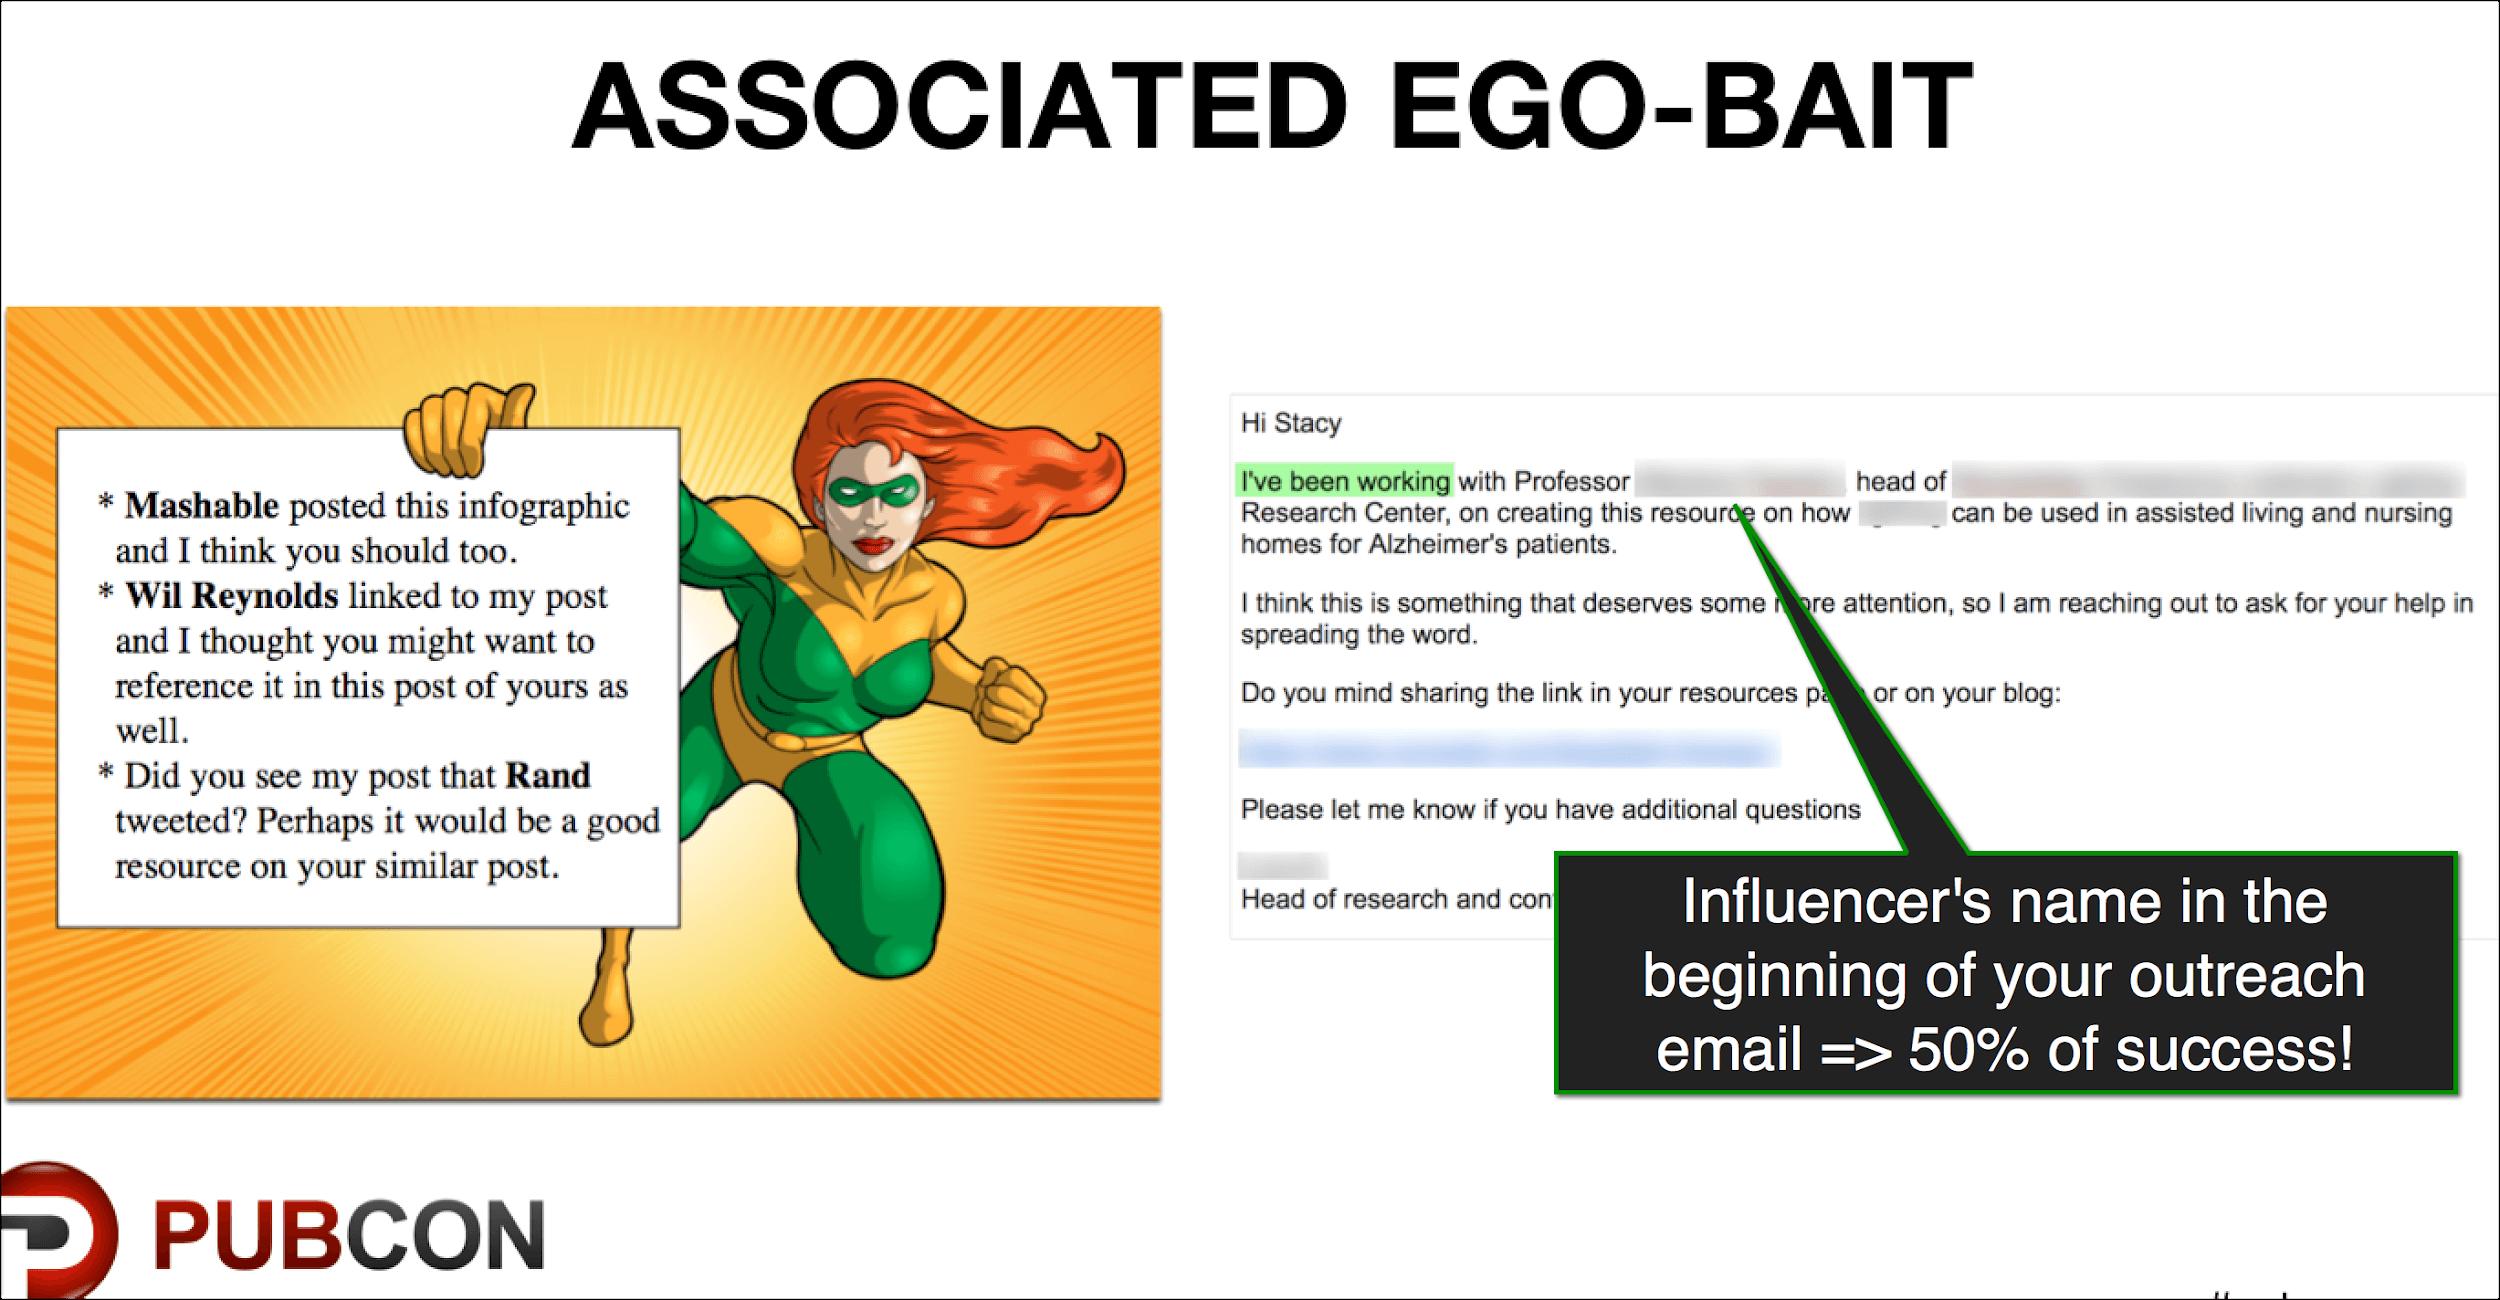 Associated ego-bait